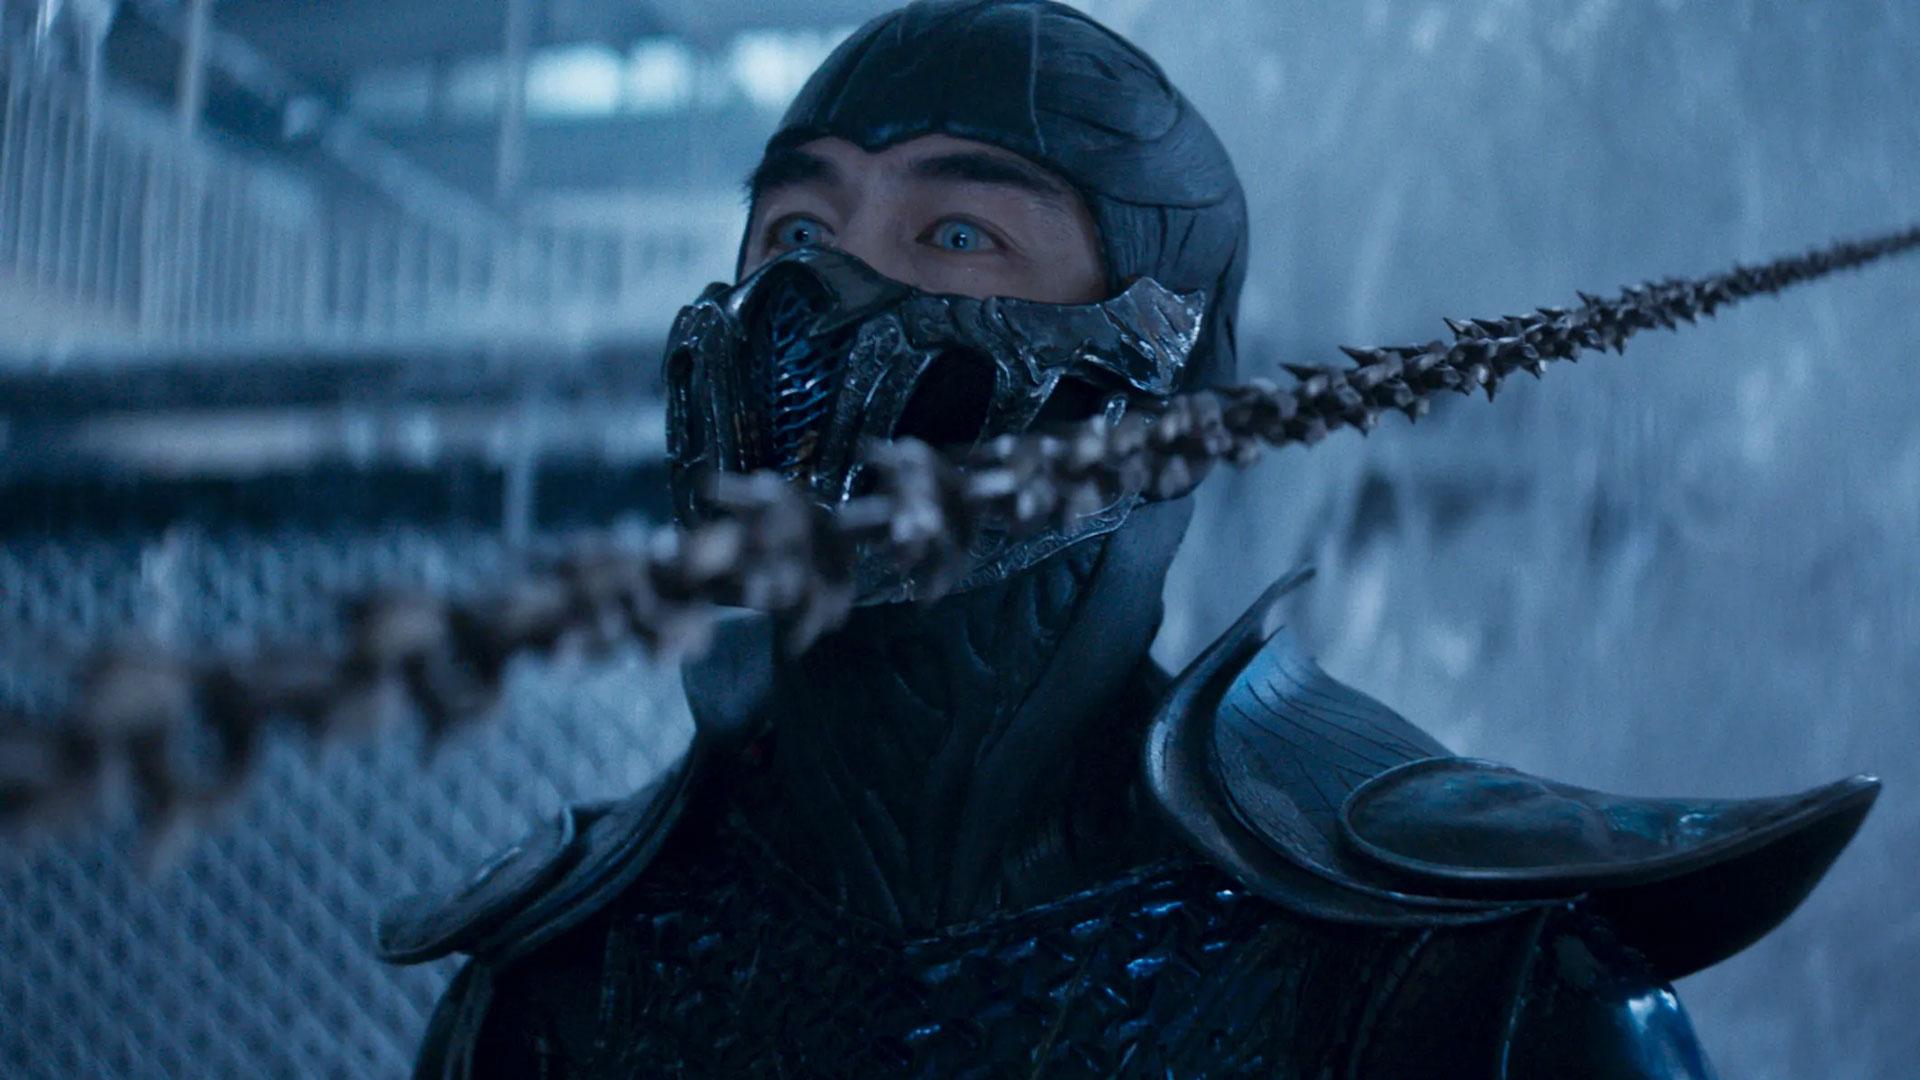 Sub-Zero in Mortal Kombat